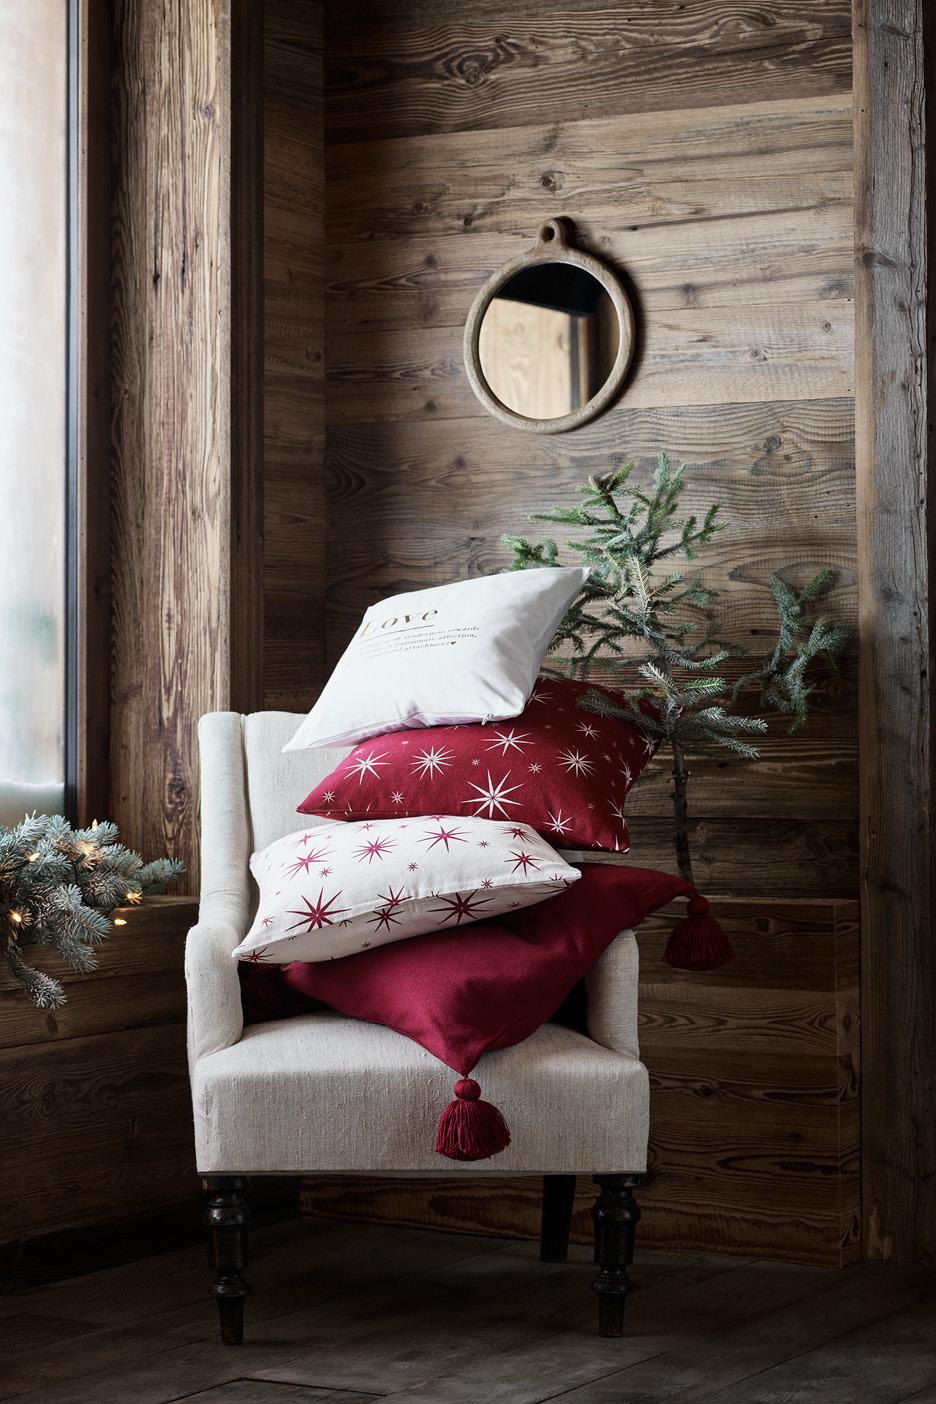 H&M Home - Interior Design & Decorations | H&M GB